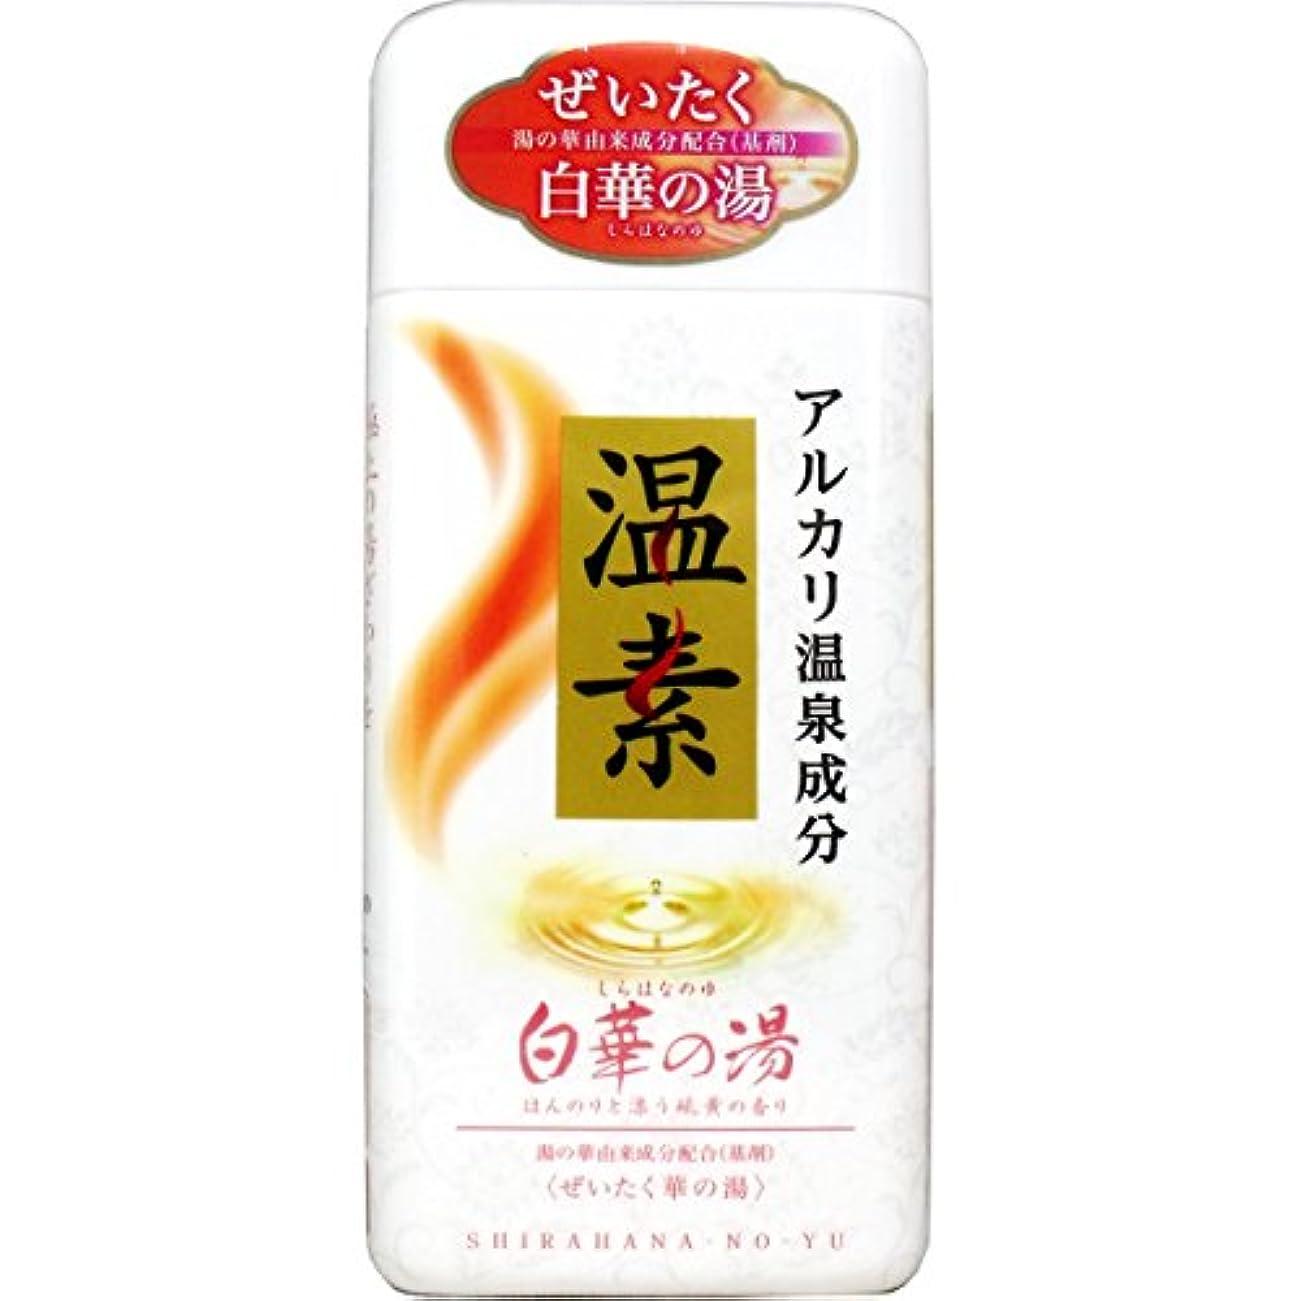 特にファイバ中国お風呂用品 疲れてこり固まった身体をやさしくほぐす バスクリン アルカリ温泉成分 温素 入浴剤 白華の湯 硫黄の香り 600g入【2個セット】